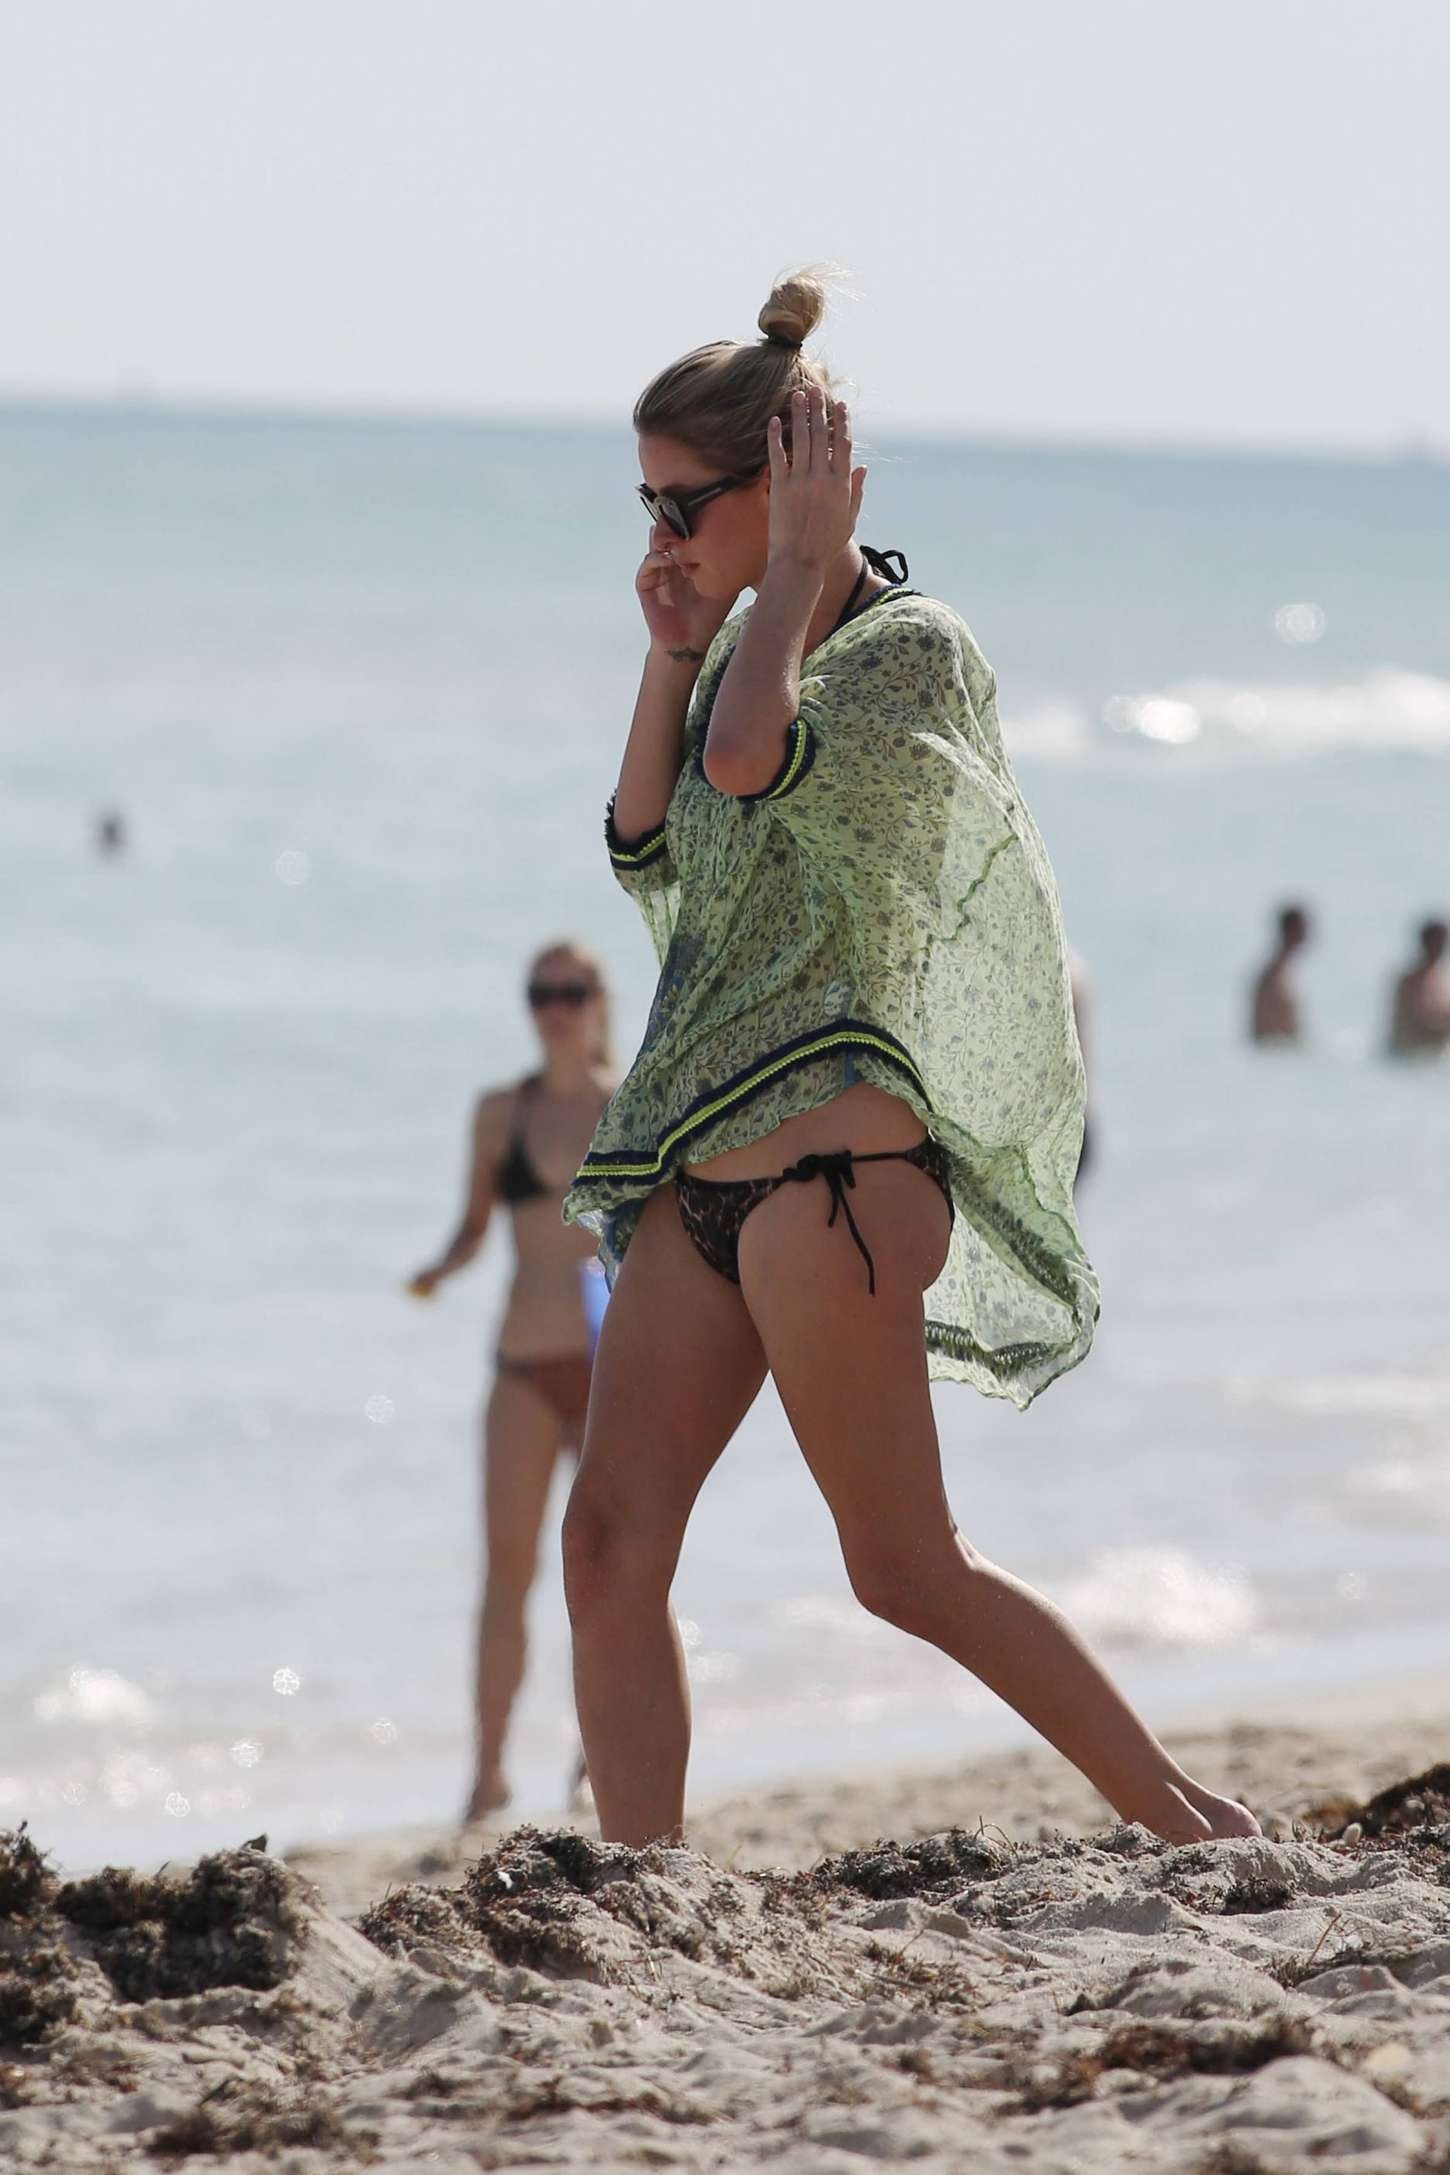 Nicky Hilton 2014 : Nicky Hilton bikini photos 2014-13